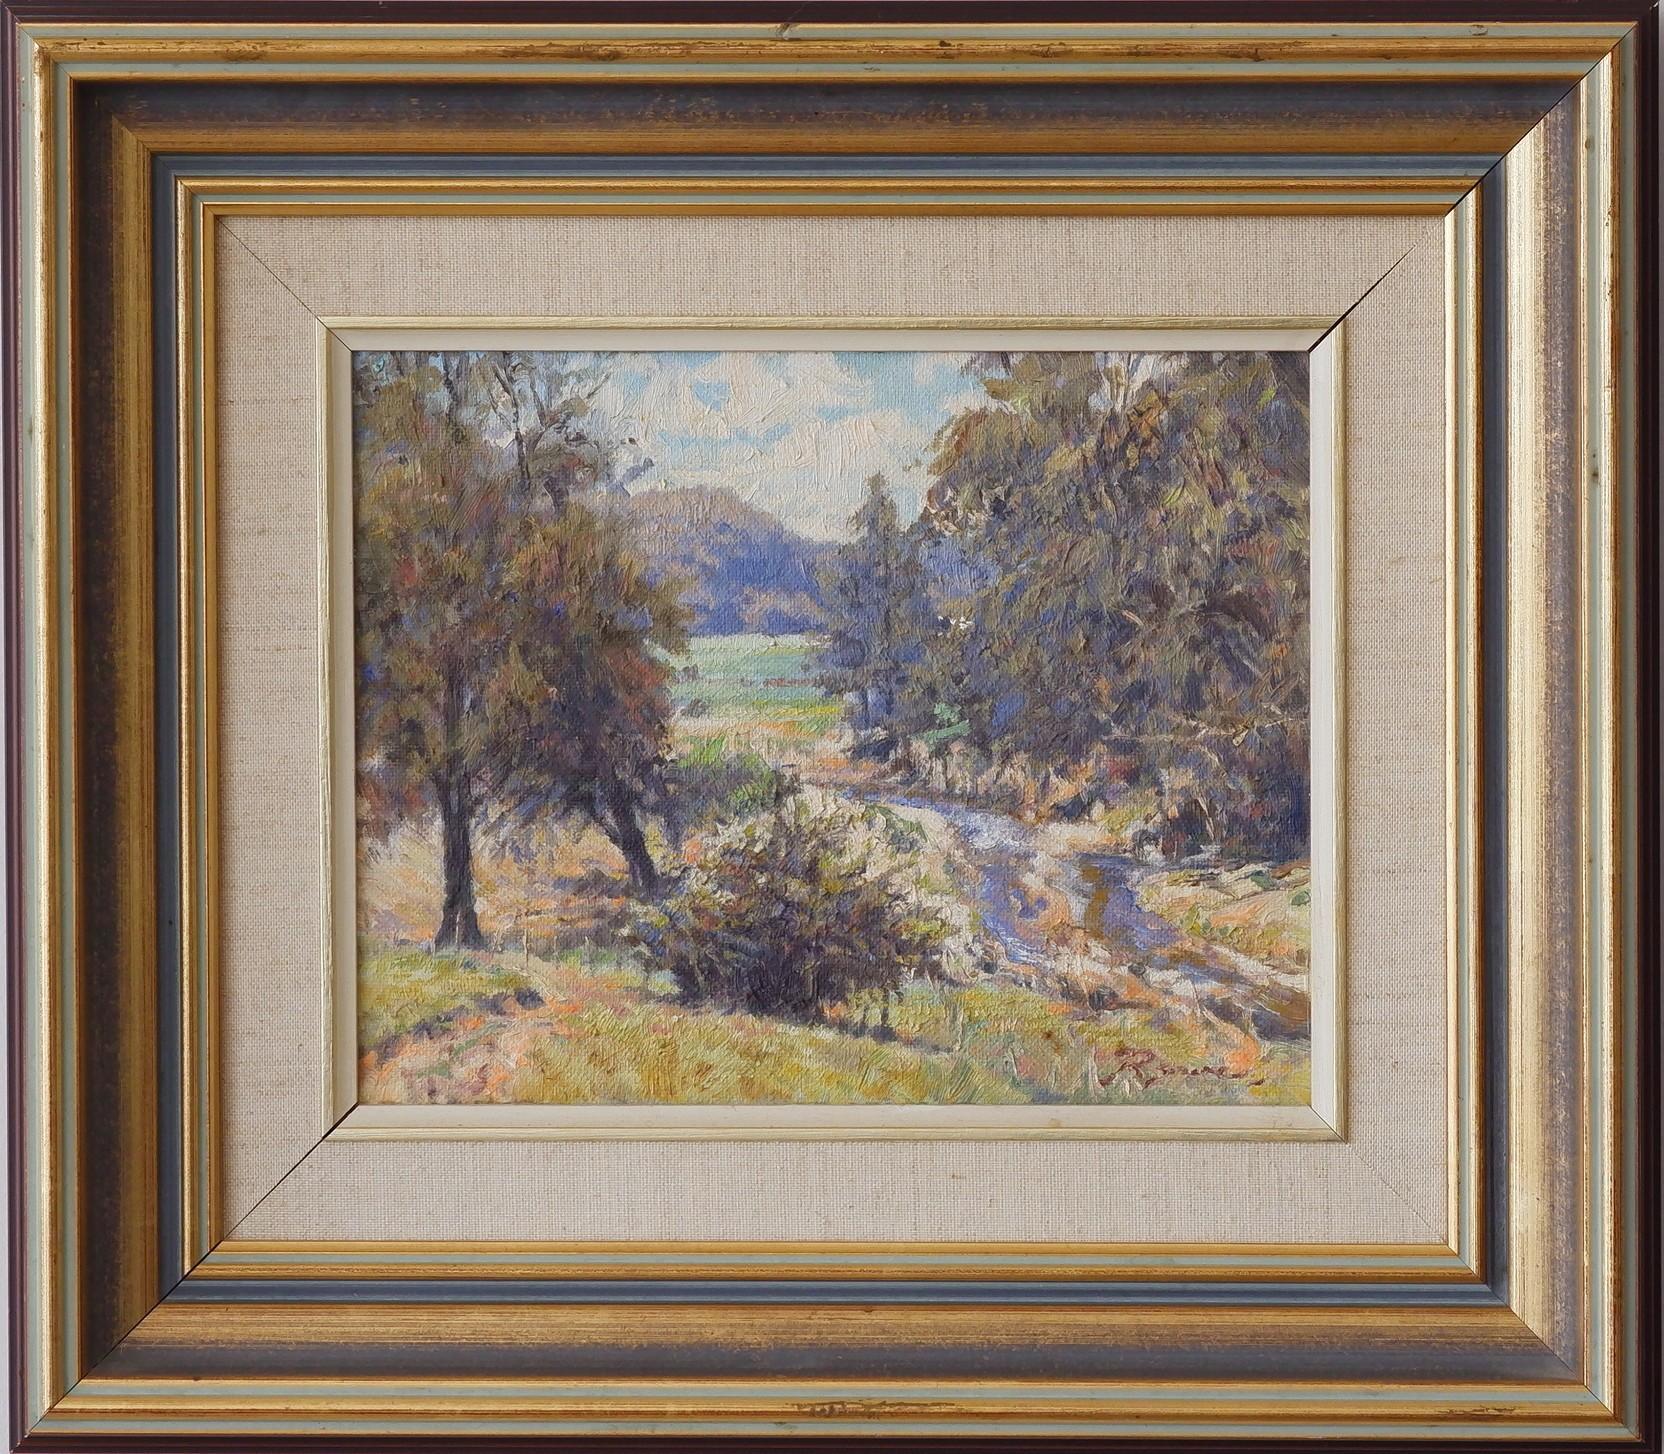 'Reginald George Rowe (1916-2010) Bunkers Creek Near Kangaroo Valley'